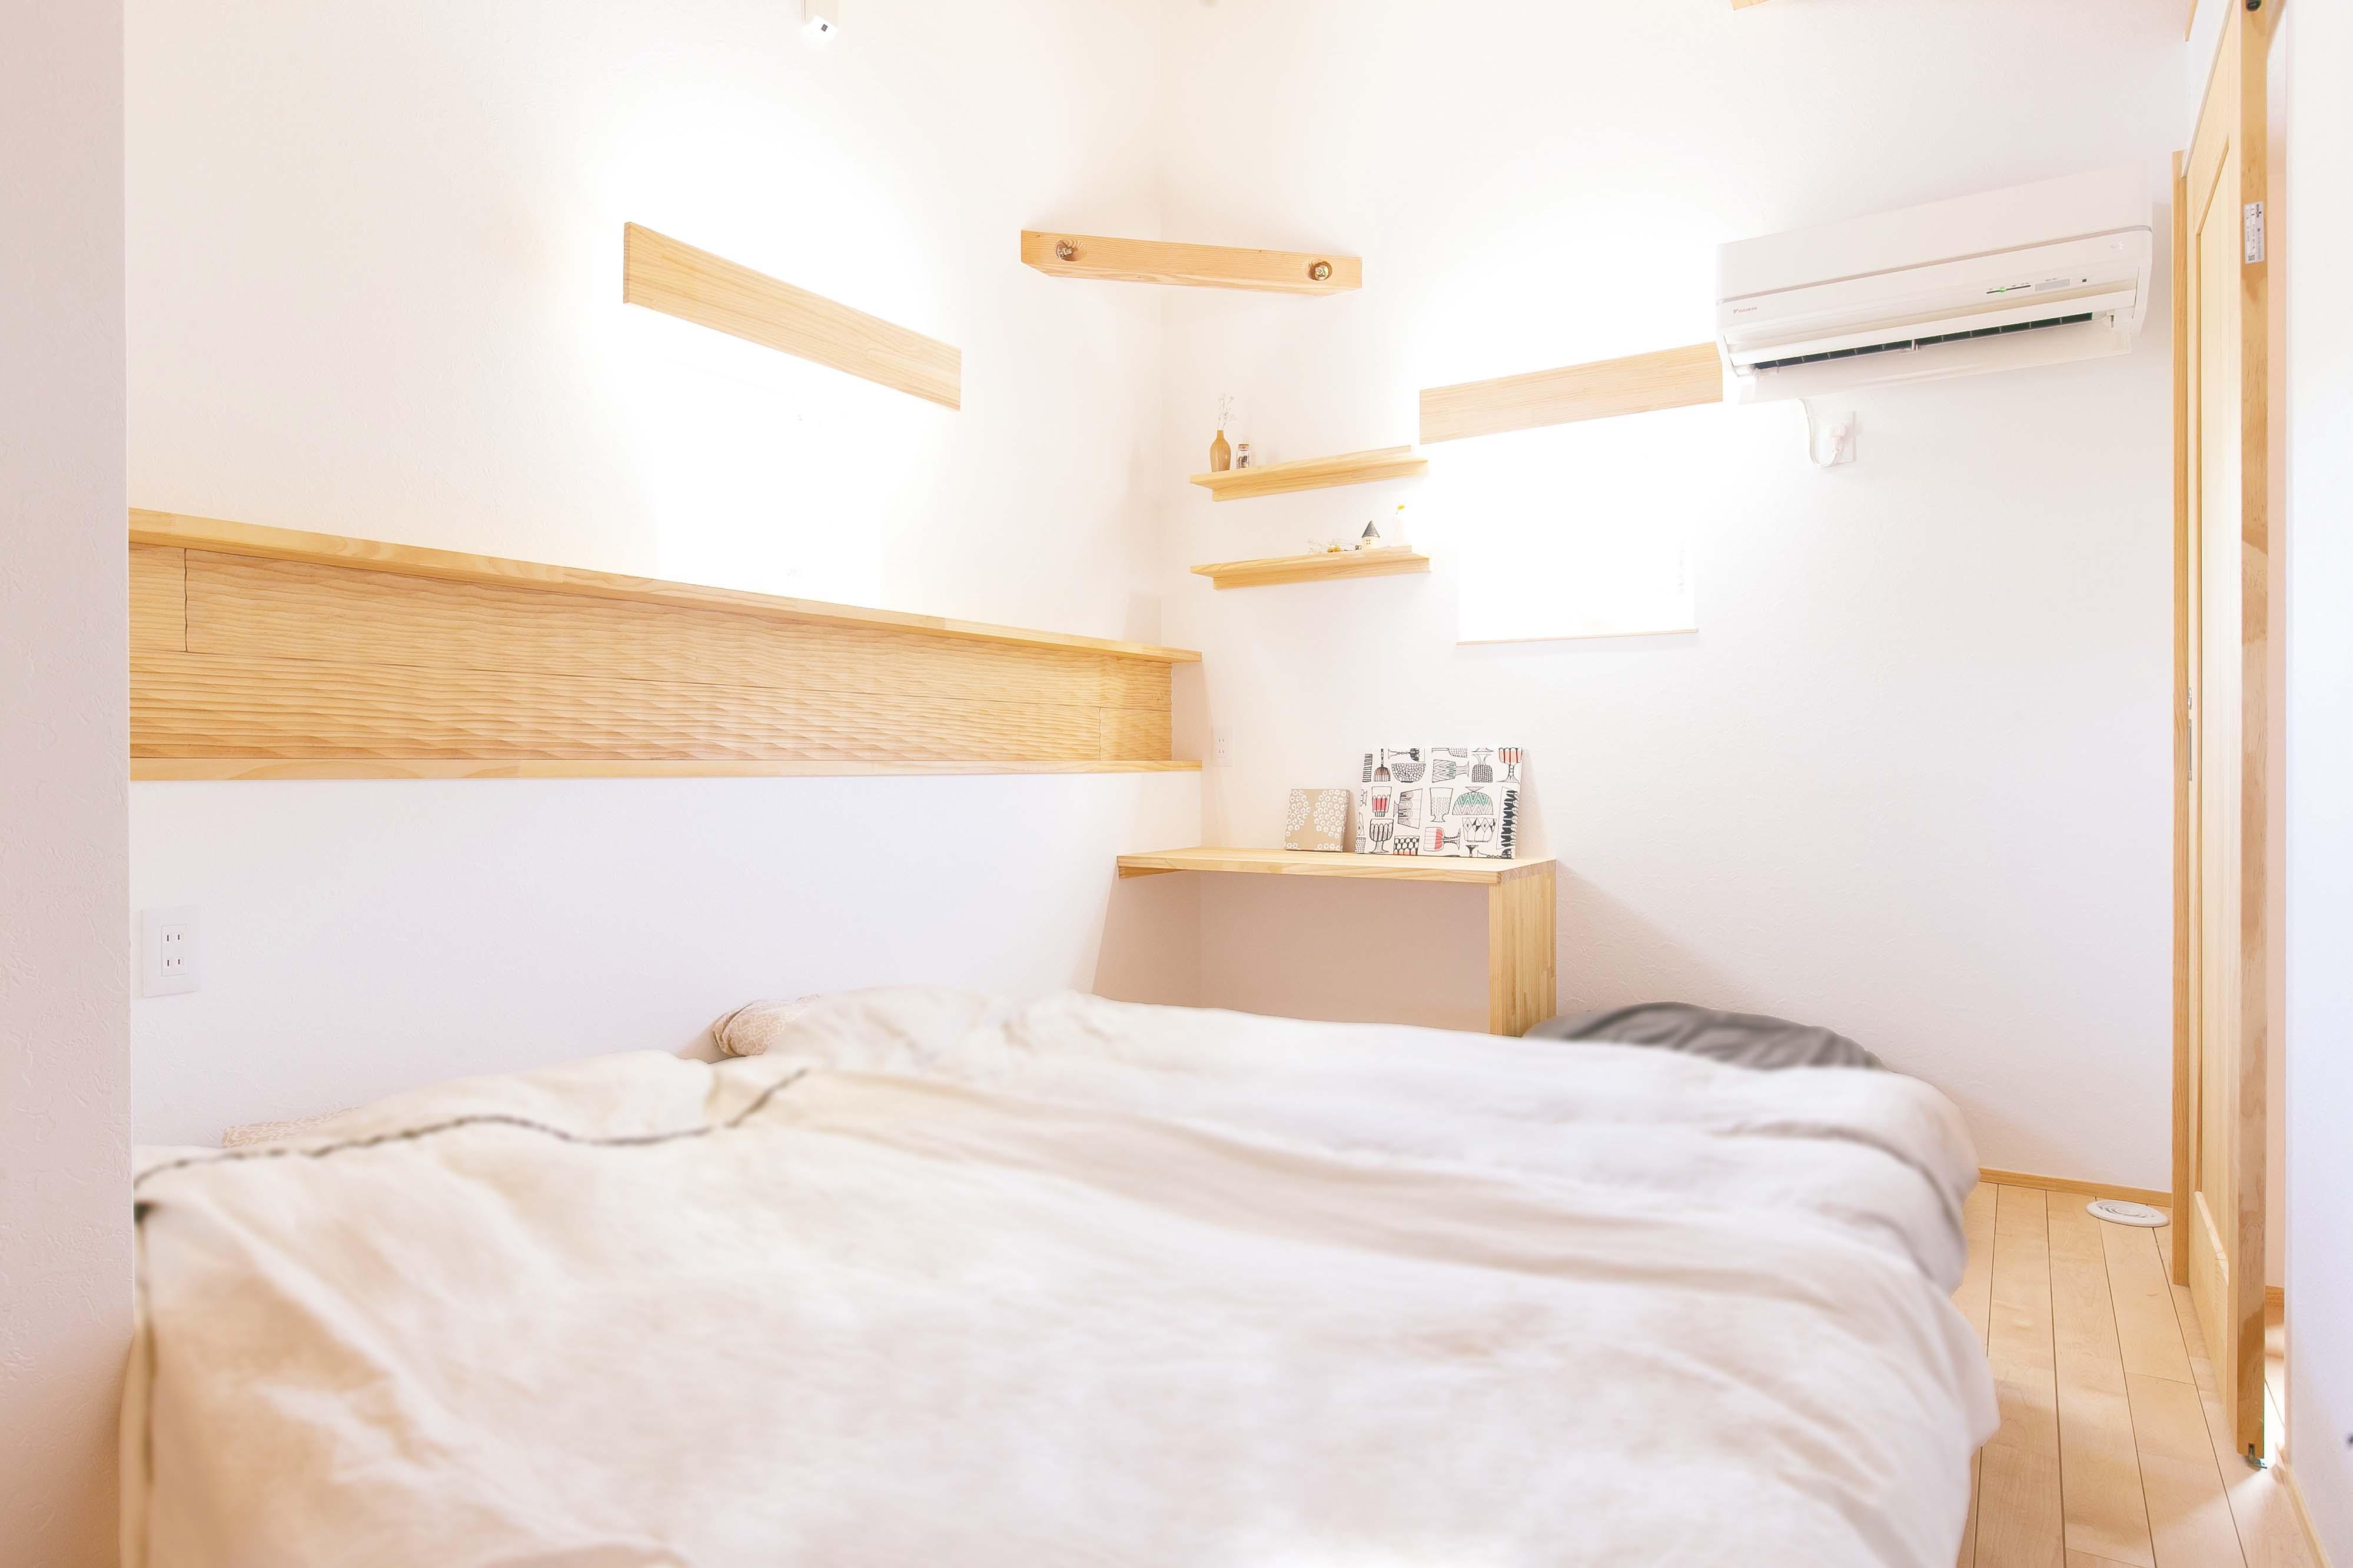 共感住宅 ray-out (レイアウト)【デザイン住宅、子育て、趣味】主寝室も明るく開放的で、まるで北欧の森に佇むホテルの一室のよう